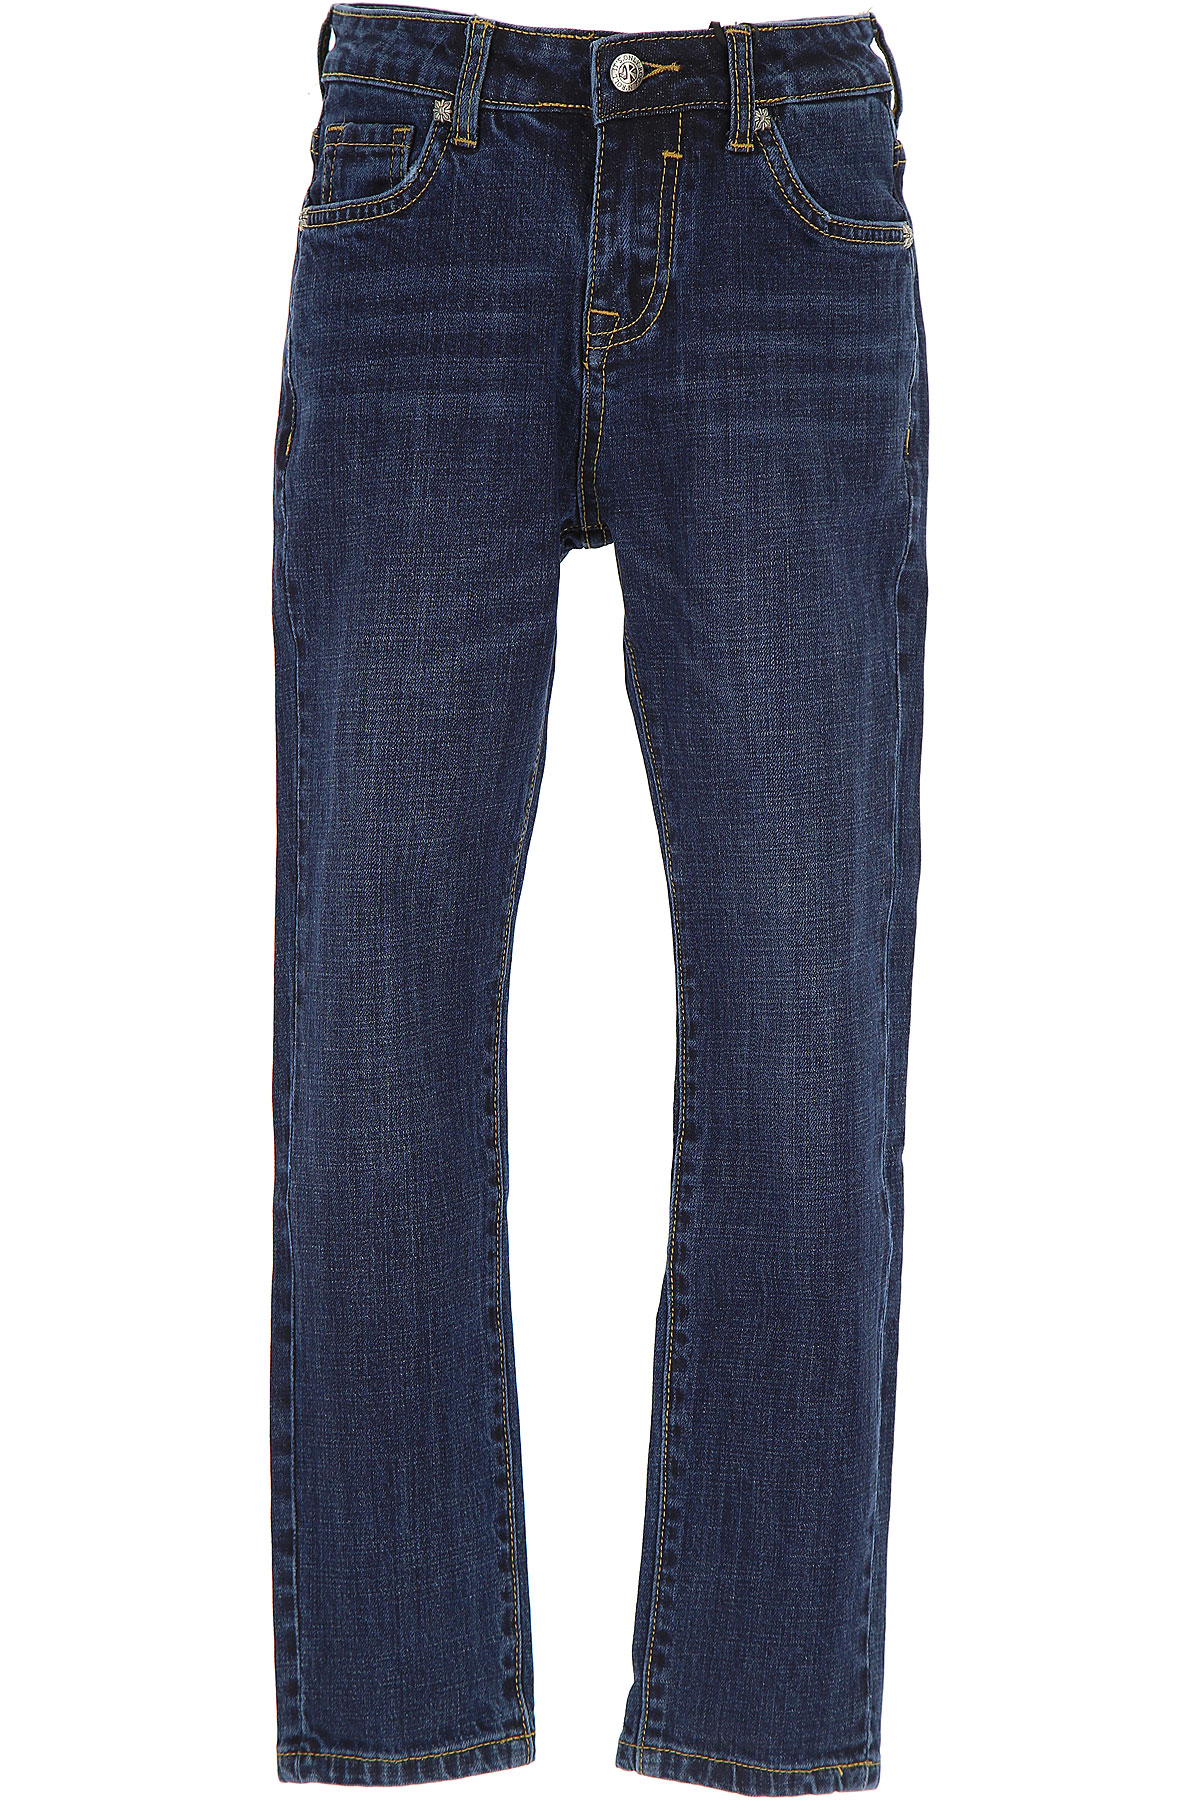 Image of John Richmond Kids Jeans for Boys, Denim, Cotton, 2017, 10Y 14Y 16Y 2Y 4Y 6Y 8Y